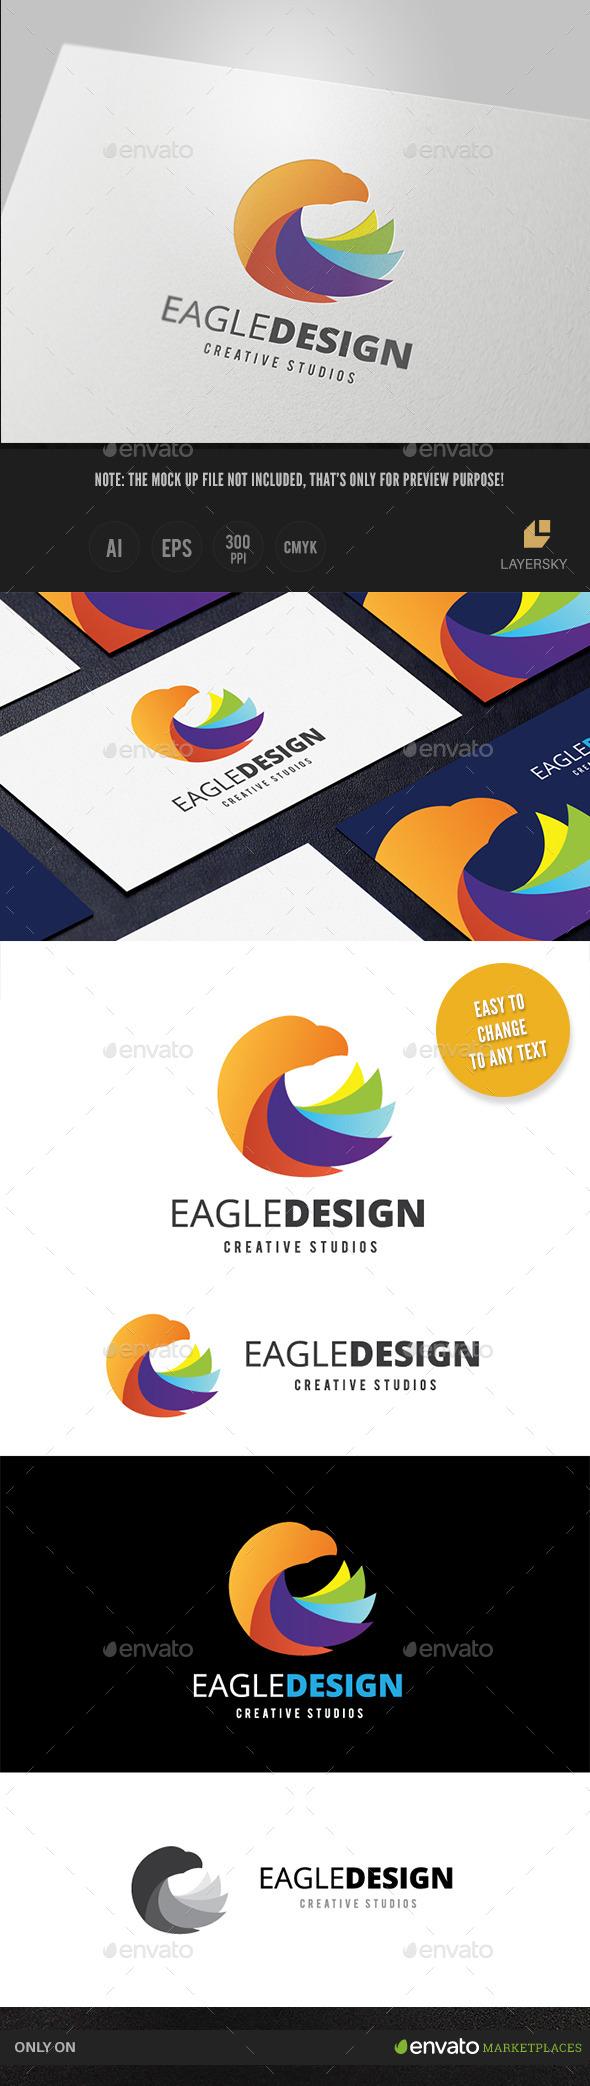 GraphicRiver Eagle Design 10752972